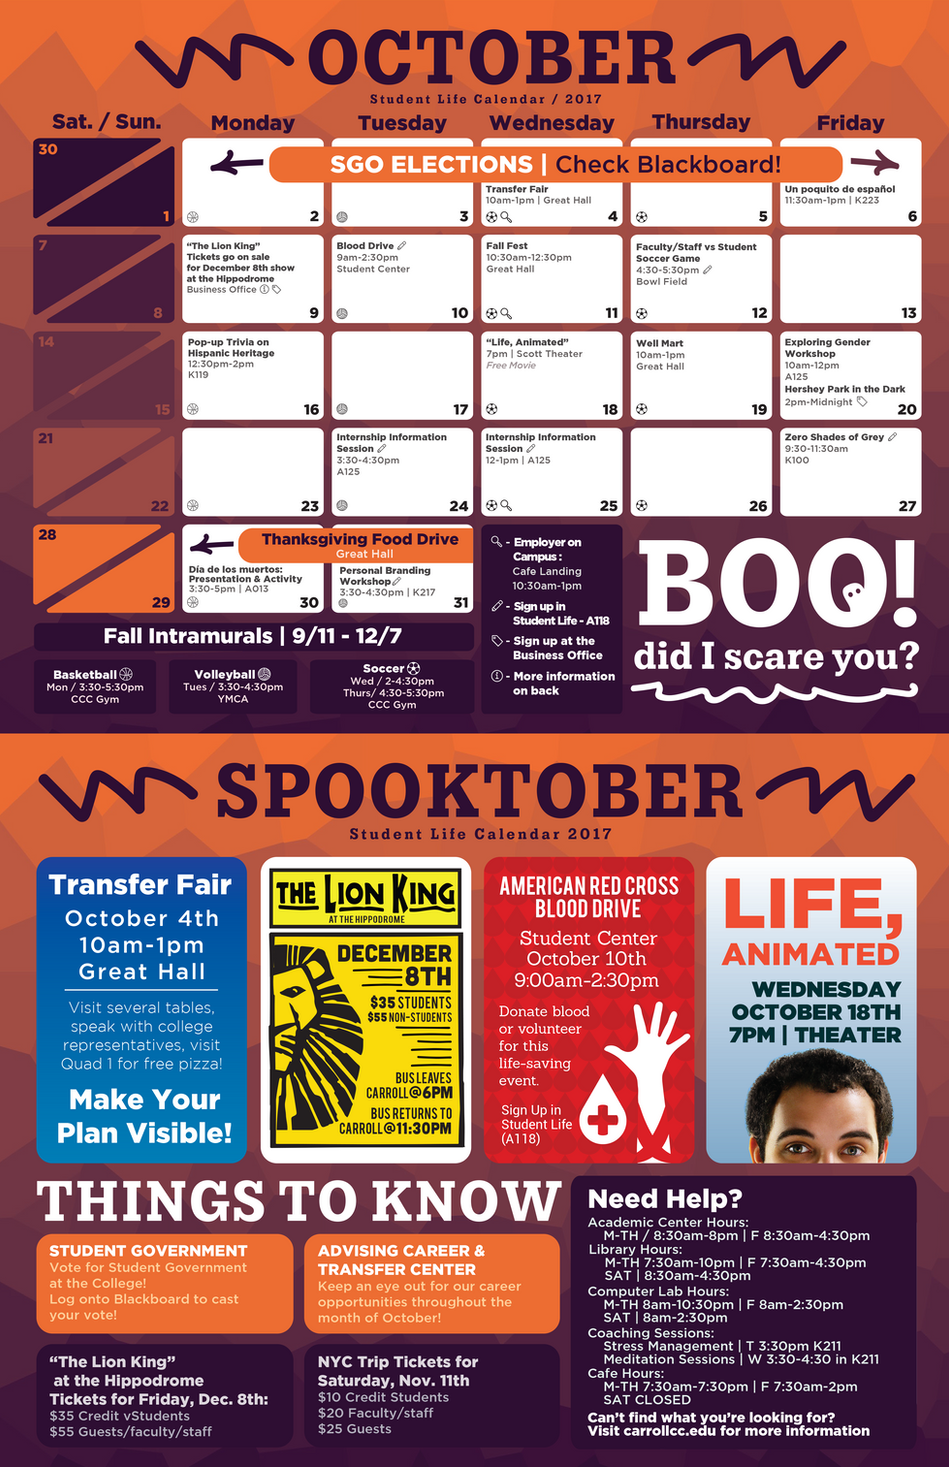 October Carroll Student Life Office Calendar